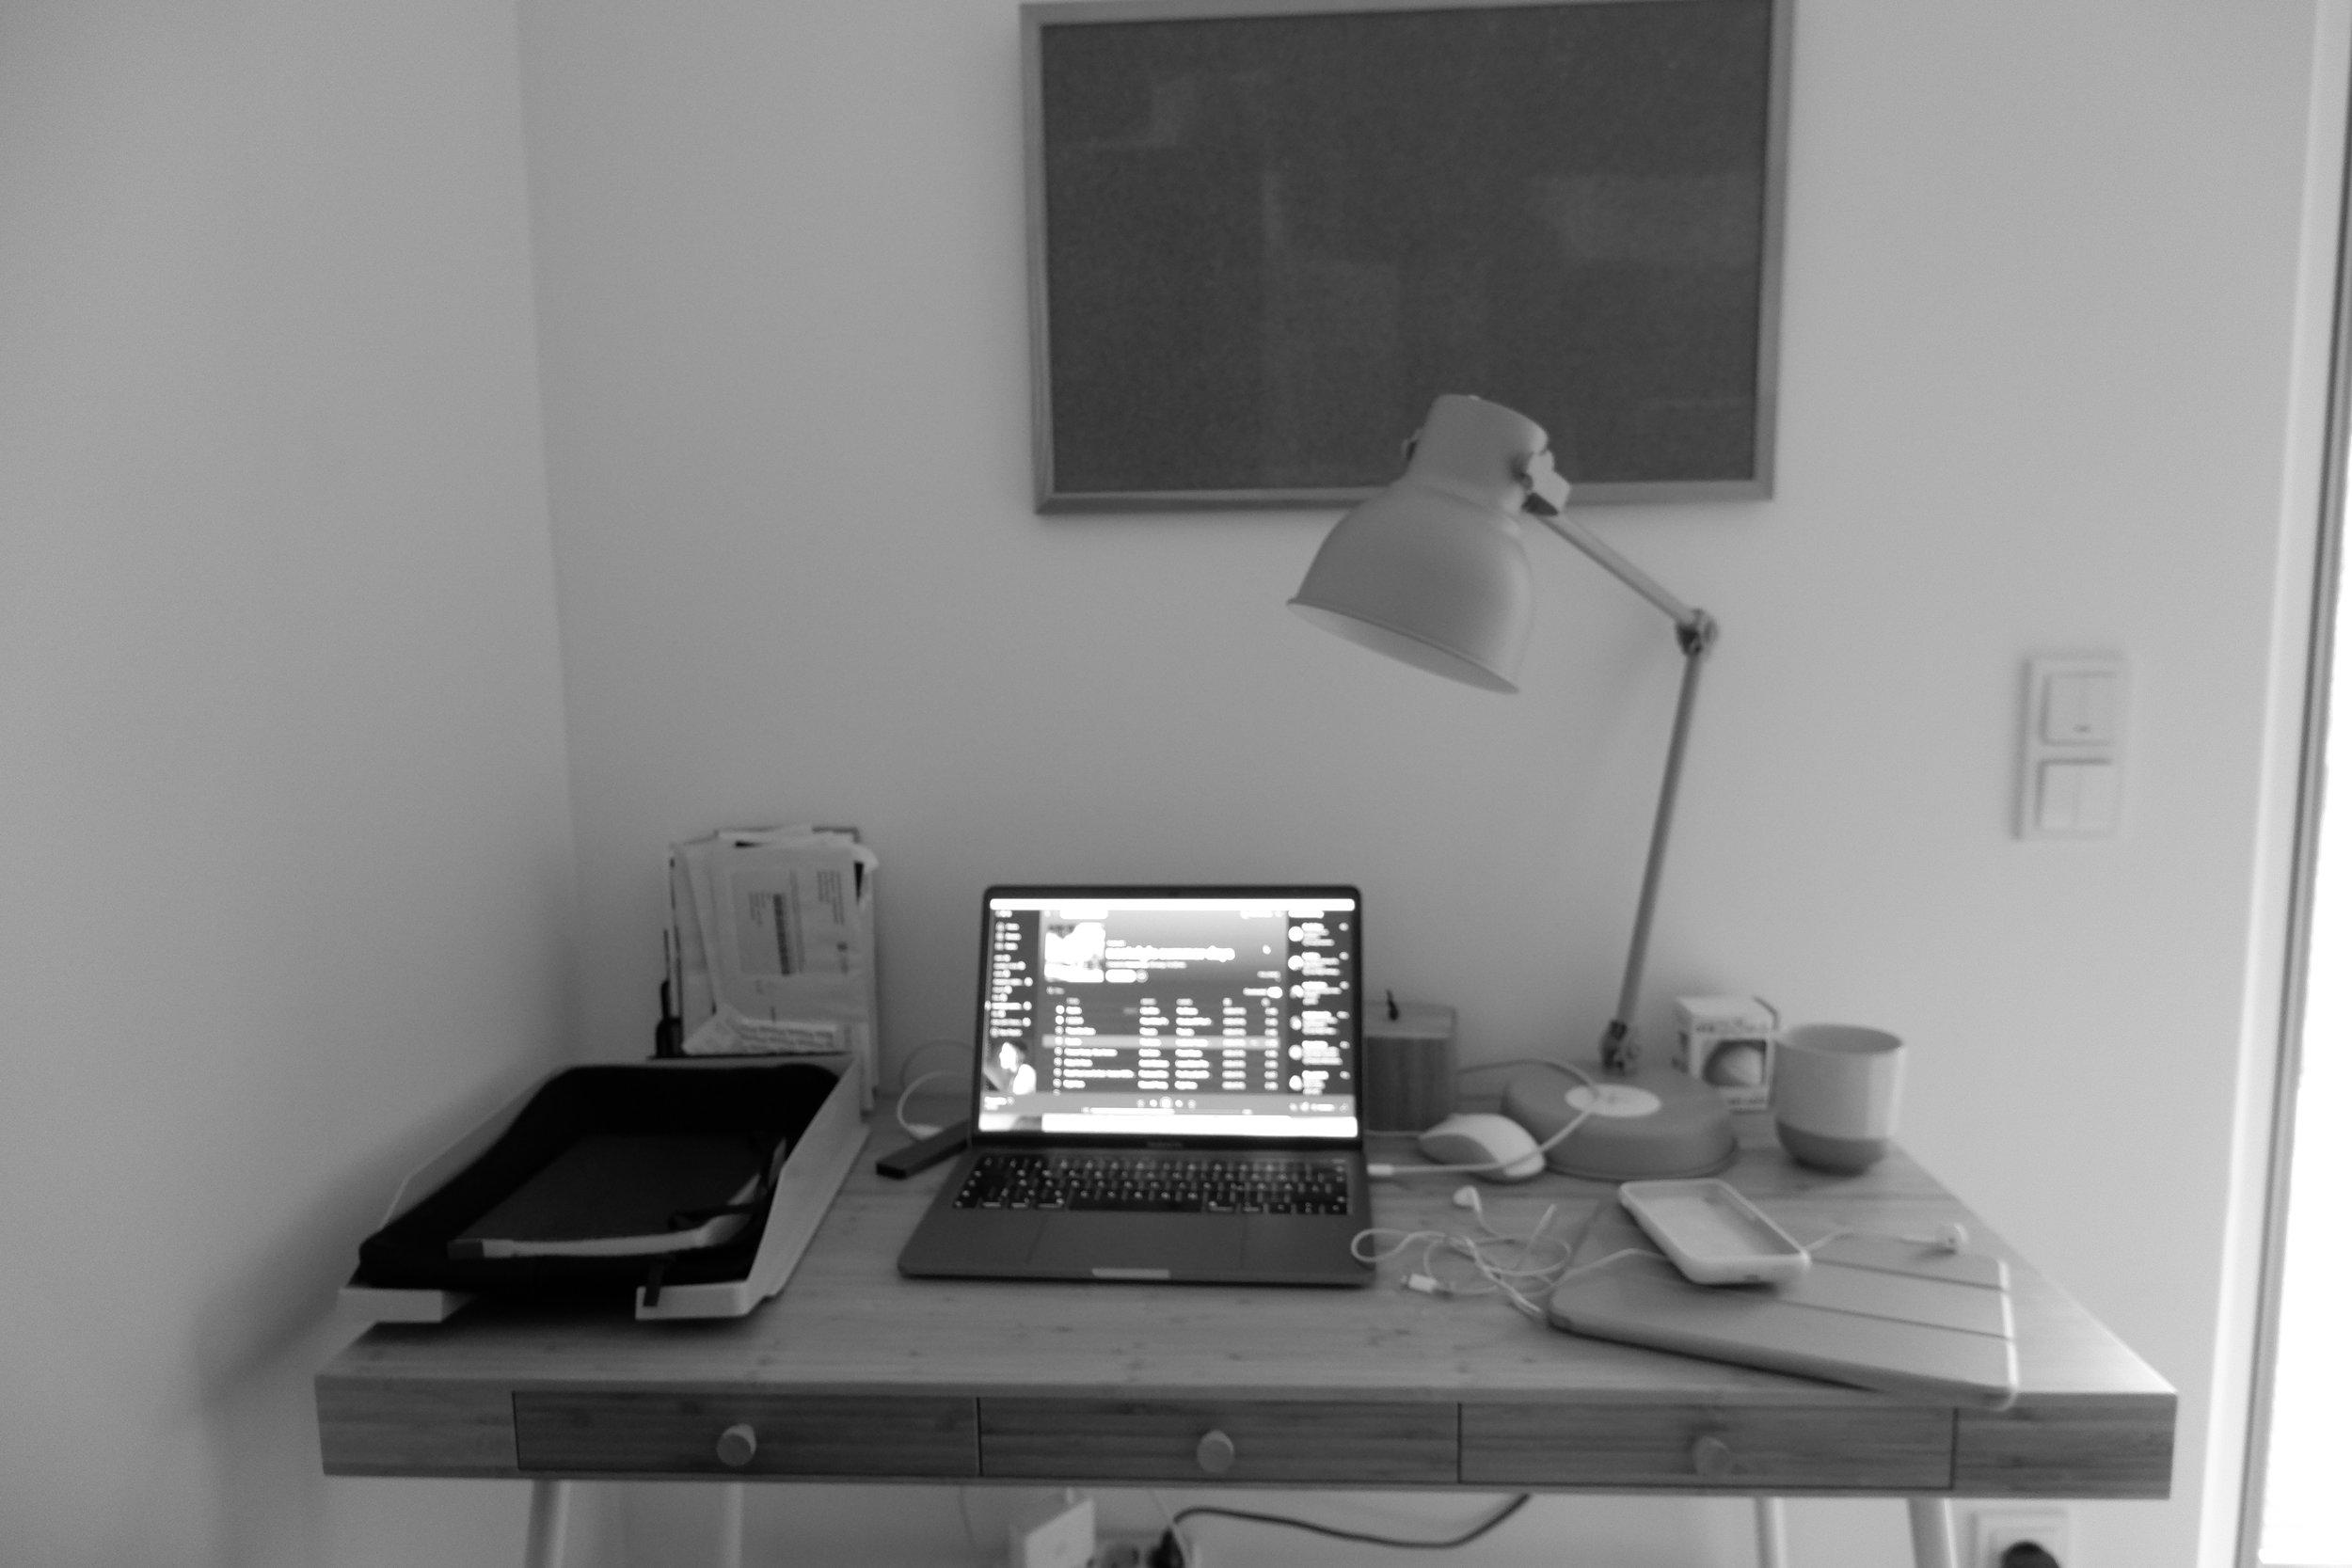 the new desk